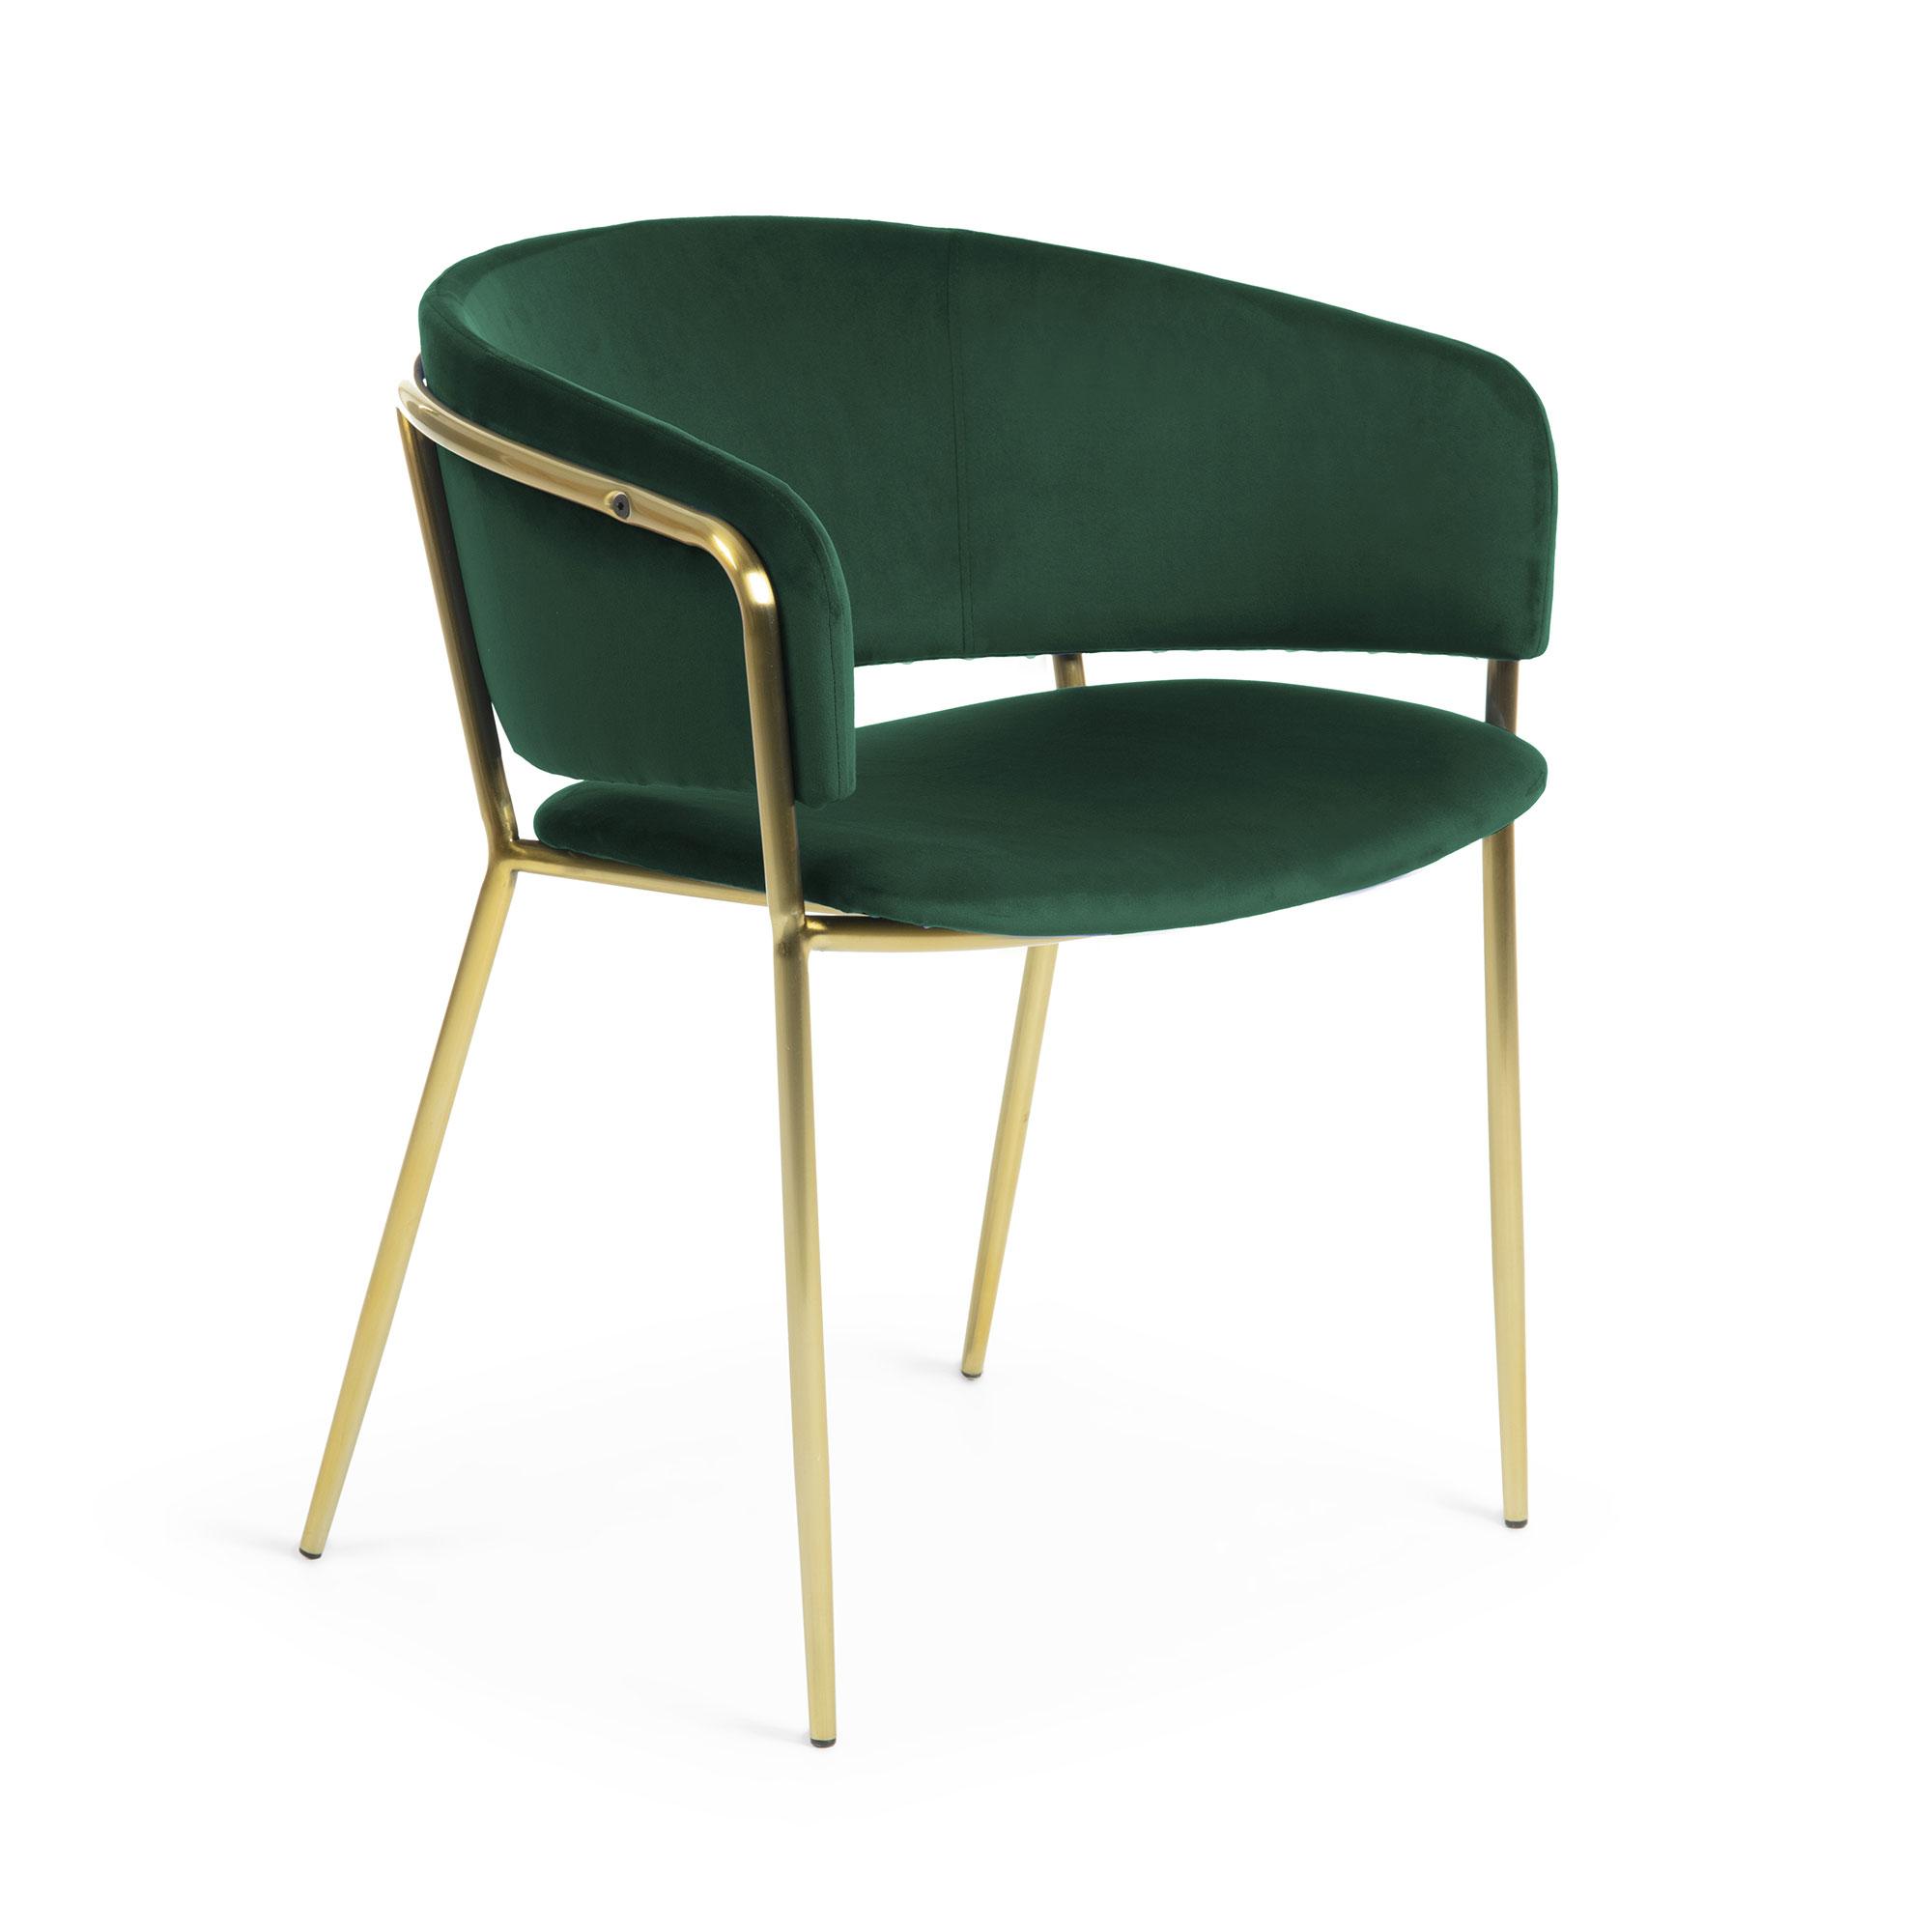 Стул konnie (la forma) зеленый 55x73x48 см.